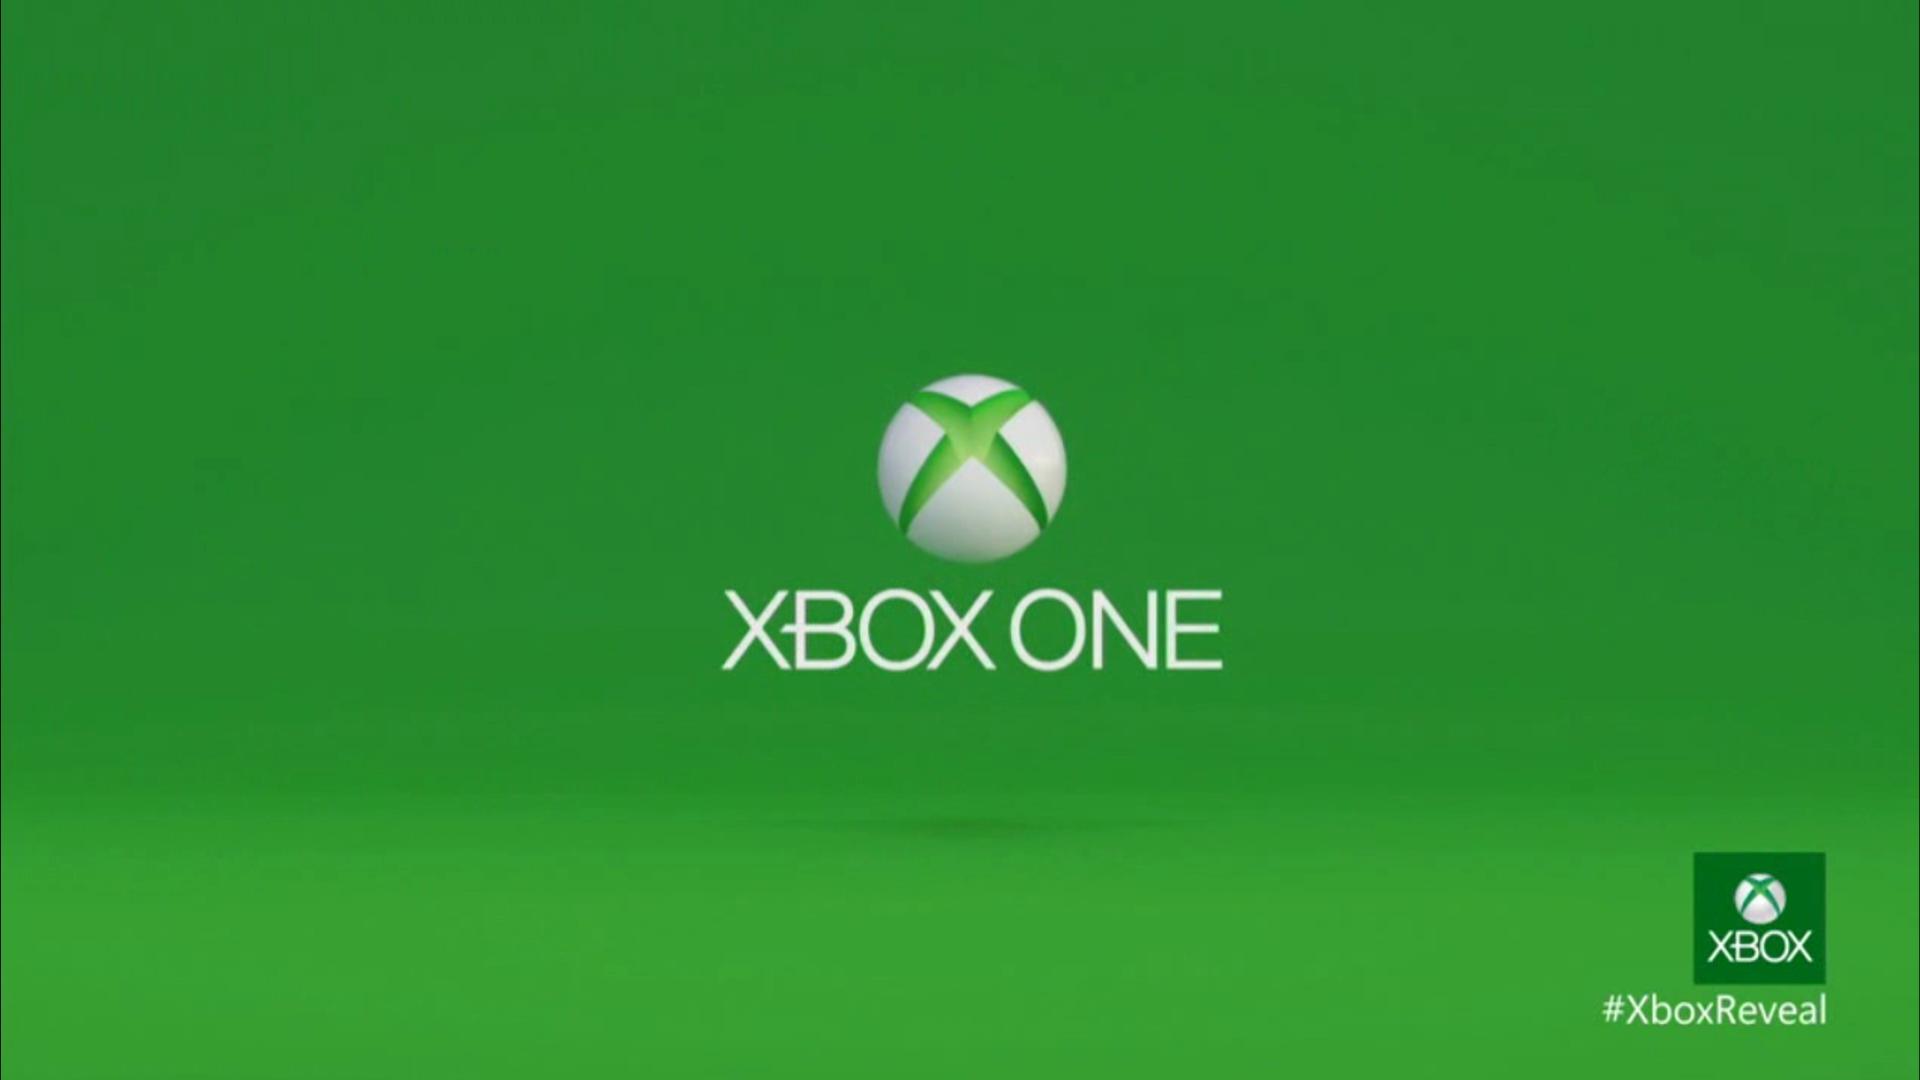 Xbox one logo hd   Xbox one wallpaper   Xbox logos in hd   Xbox 1920x1080